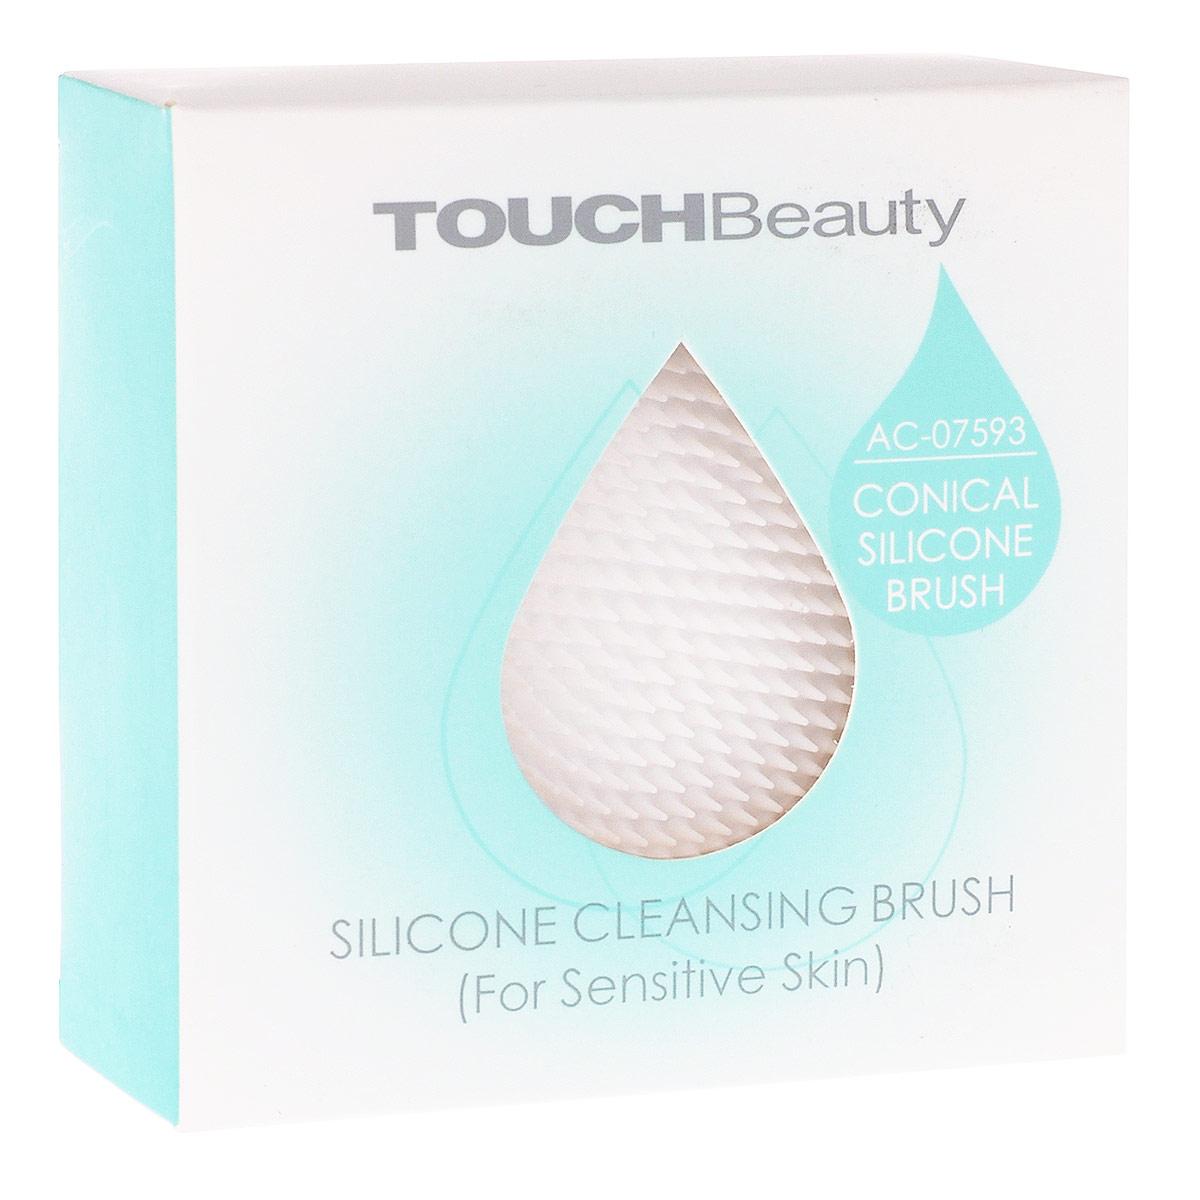 Touchbeauty Запасная щетка к приборам для очищения кожи при умывании AC-07593AC-07593Запасная щетка Touchbeauty имеет большой диаметр 7,5 см для увеличенной площади очищения. Специальнаянасадка для очищения и одновременного массажа кожи лица идеально подходит для всех типов кожи. С помощьюэтой насадки улучшается кровоснабжение и улучшается цвет лица. Используется вместе с прибором дляочищения кожи серий AS-0759.